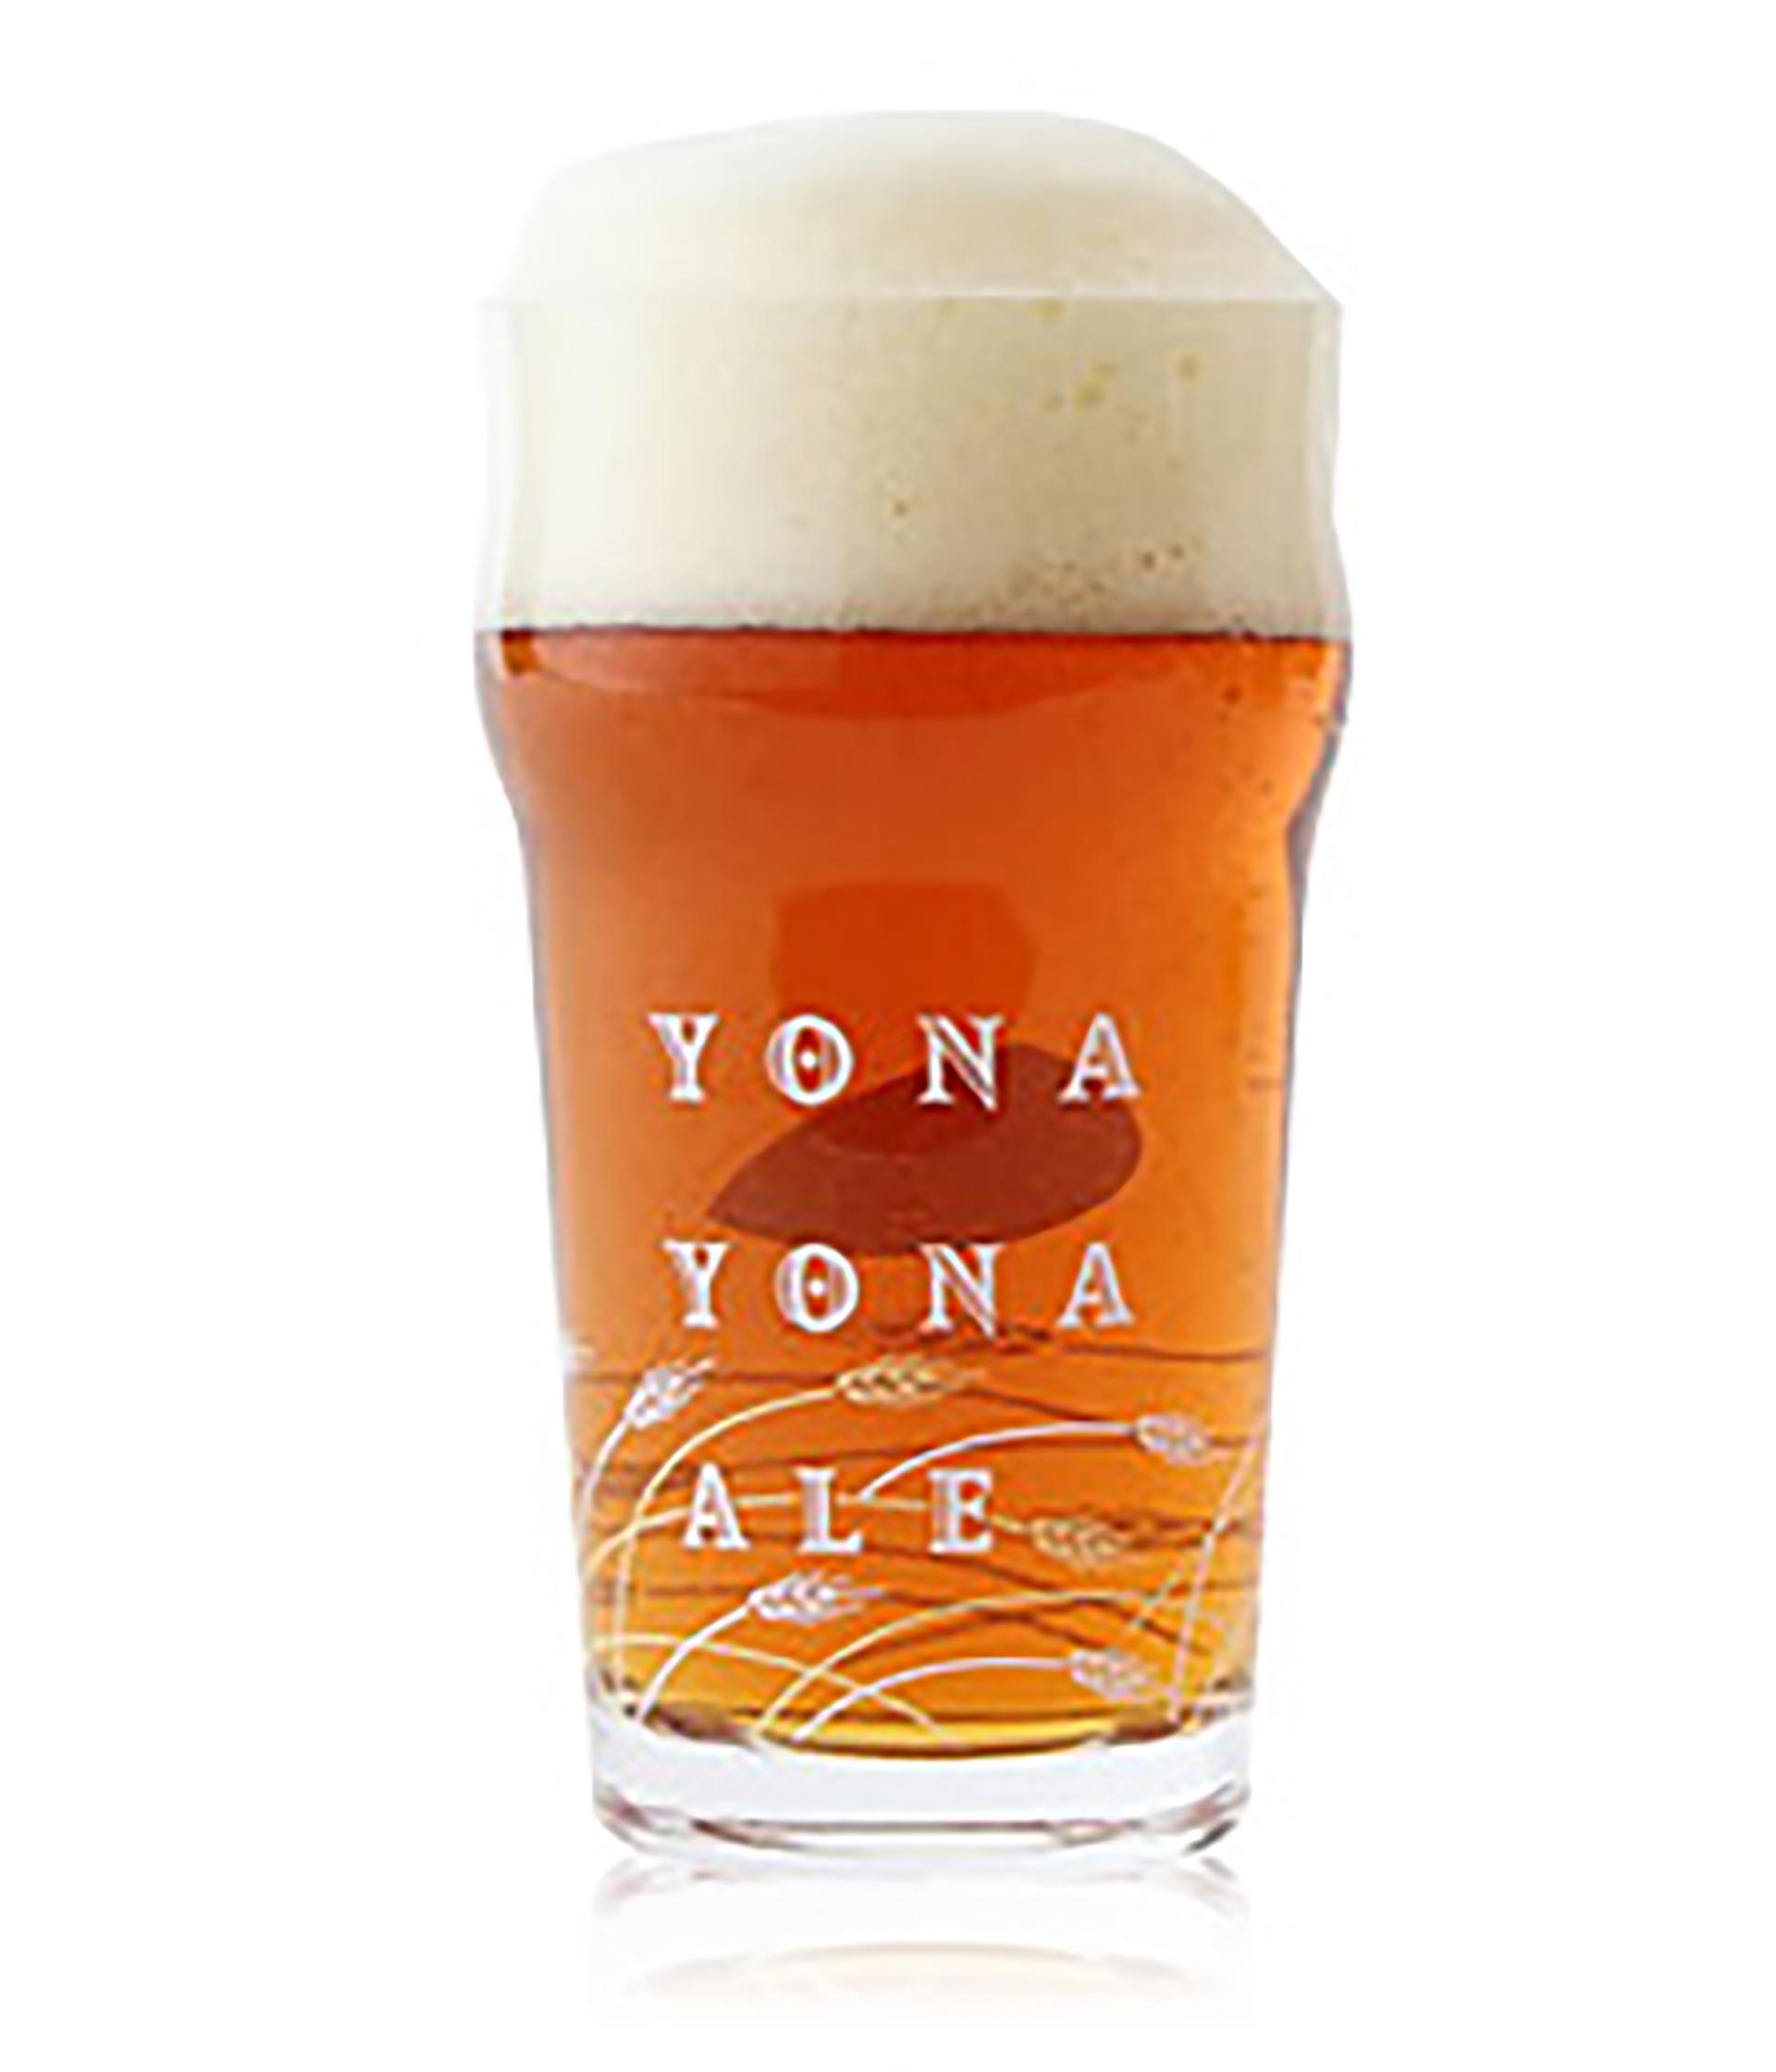 この写真はふるさと大収穫祭で提供されるクラフトビール